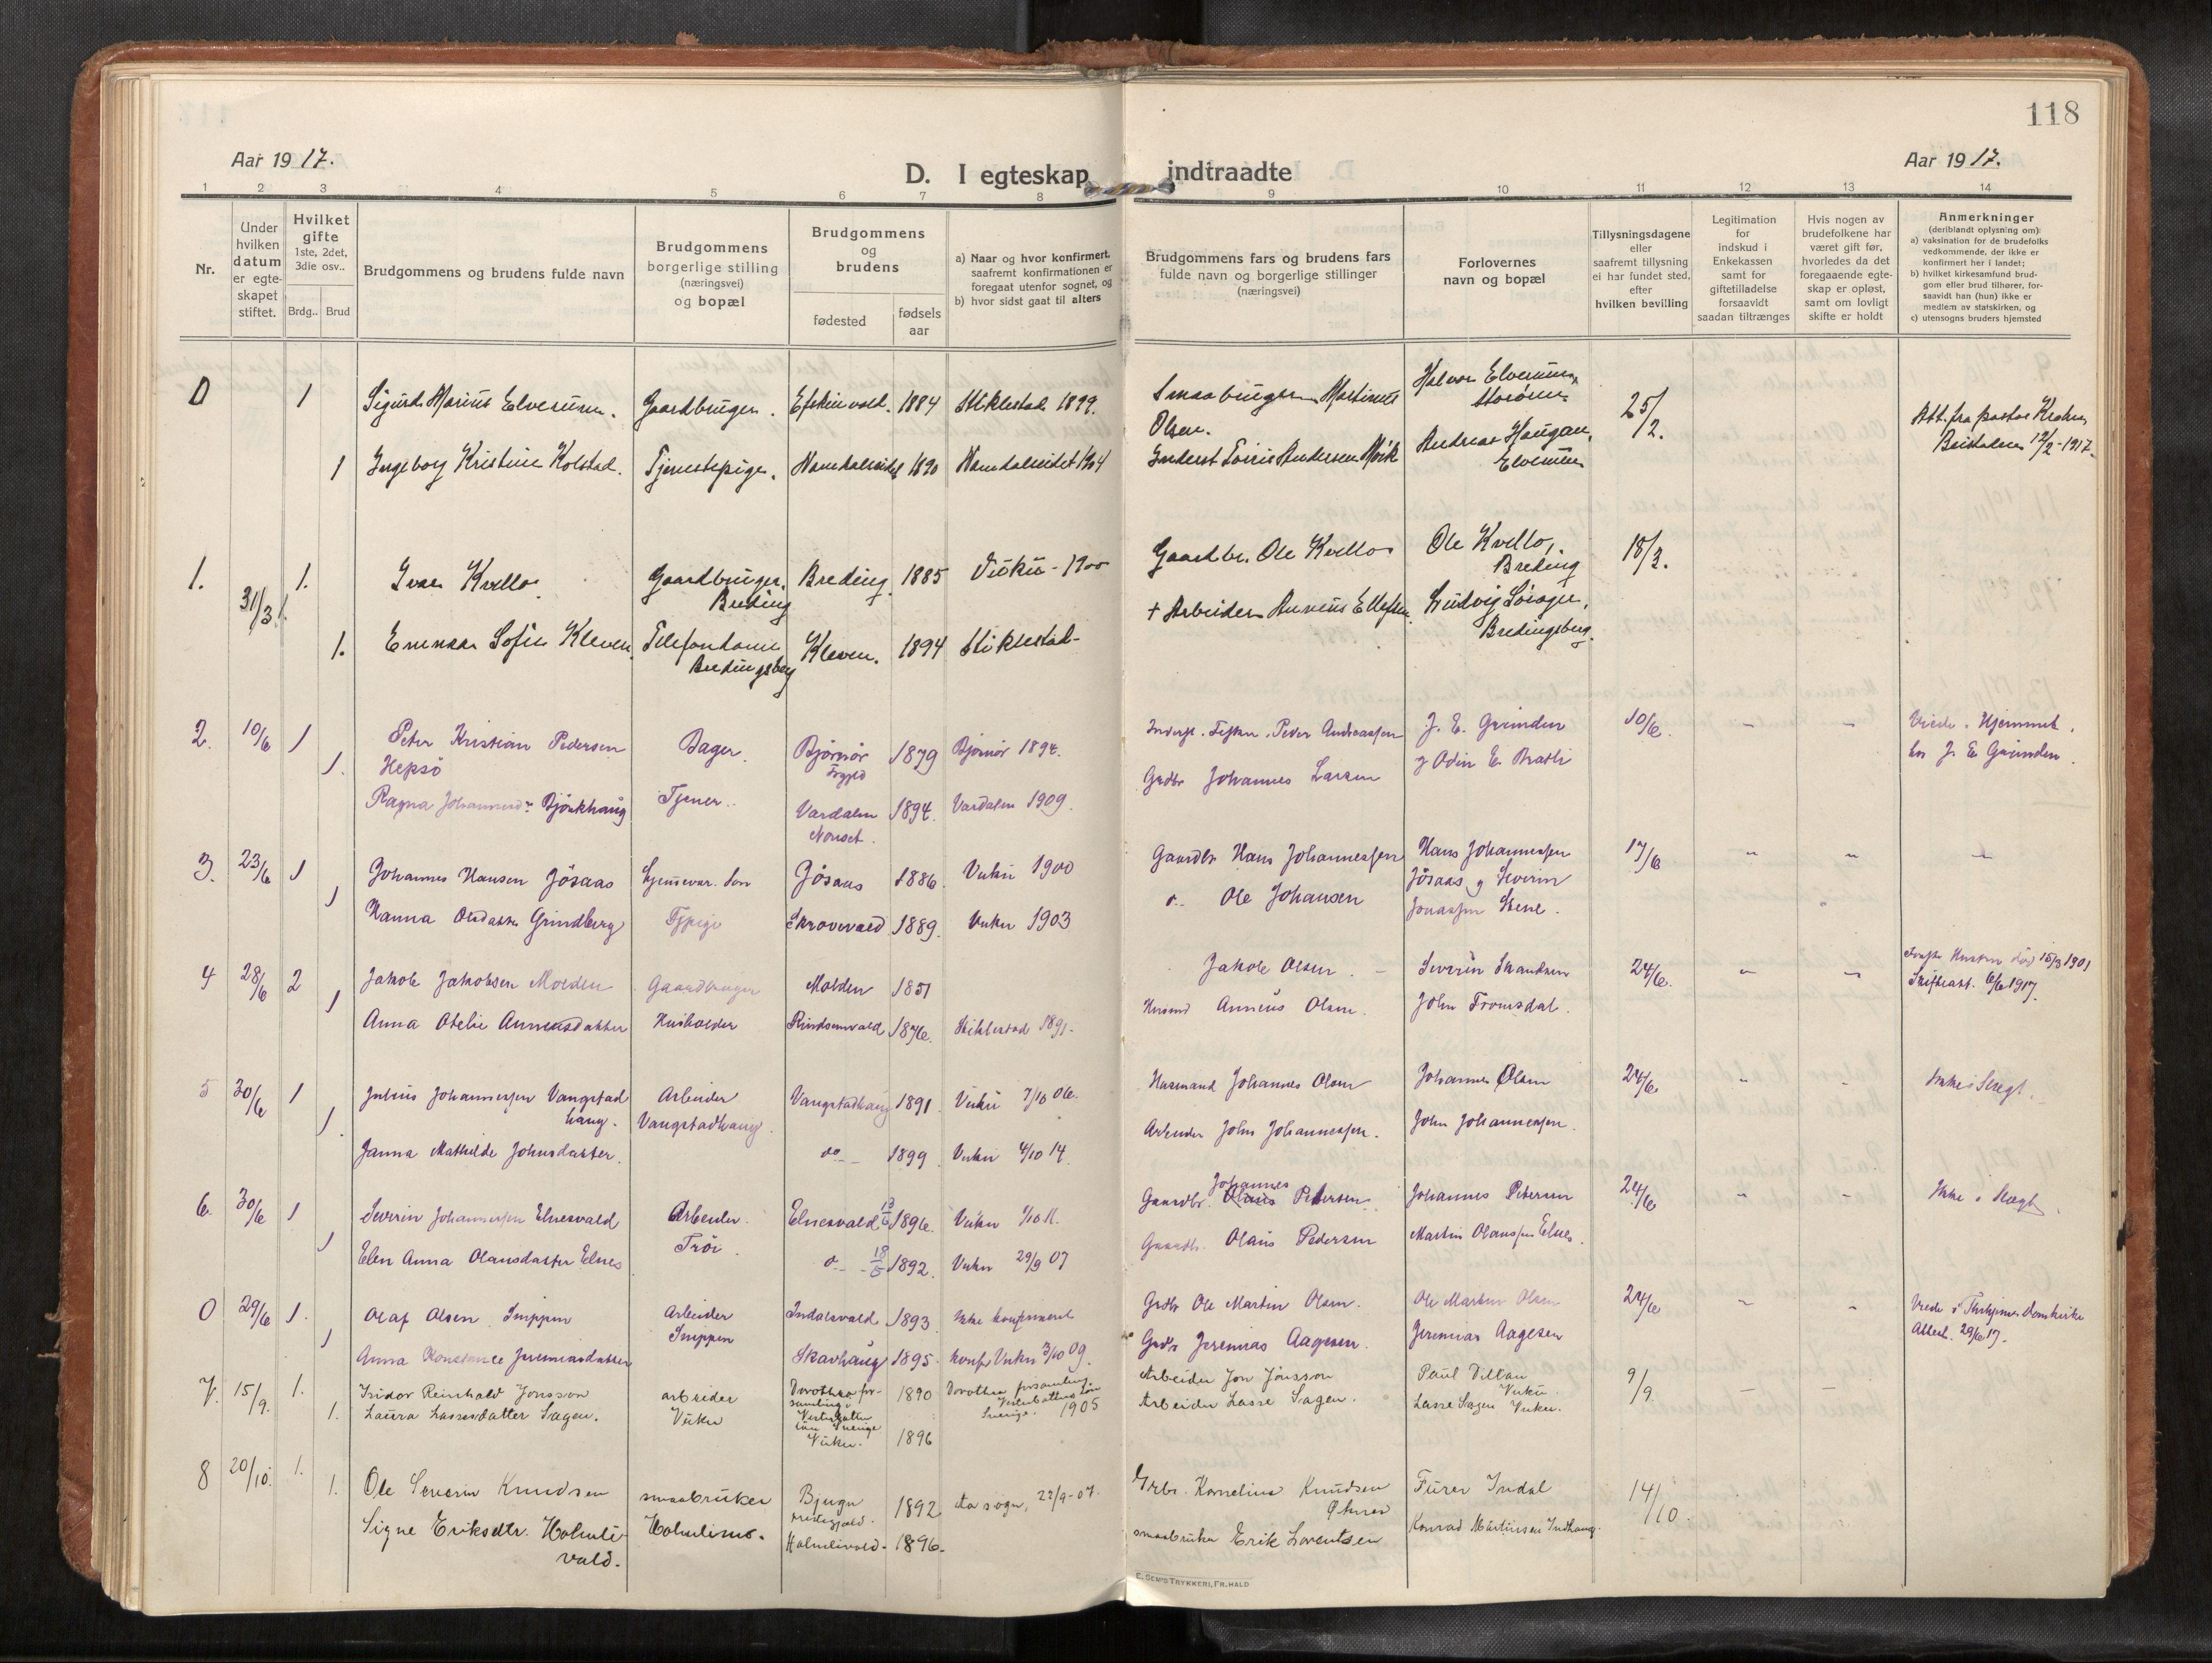 SAT, Verdal sokneprestkontor*, Parish register (official) no. 1, 1916-1928, p. 118